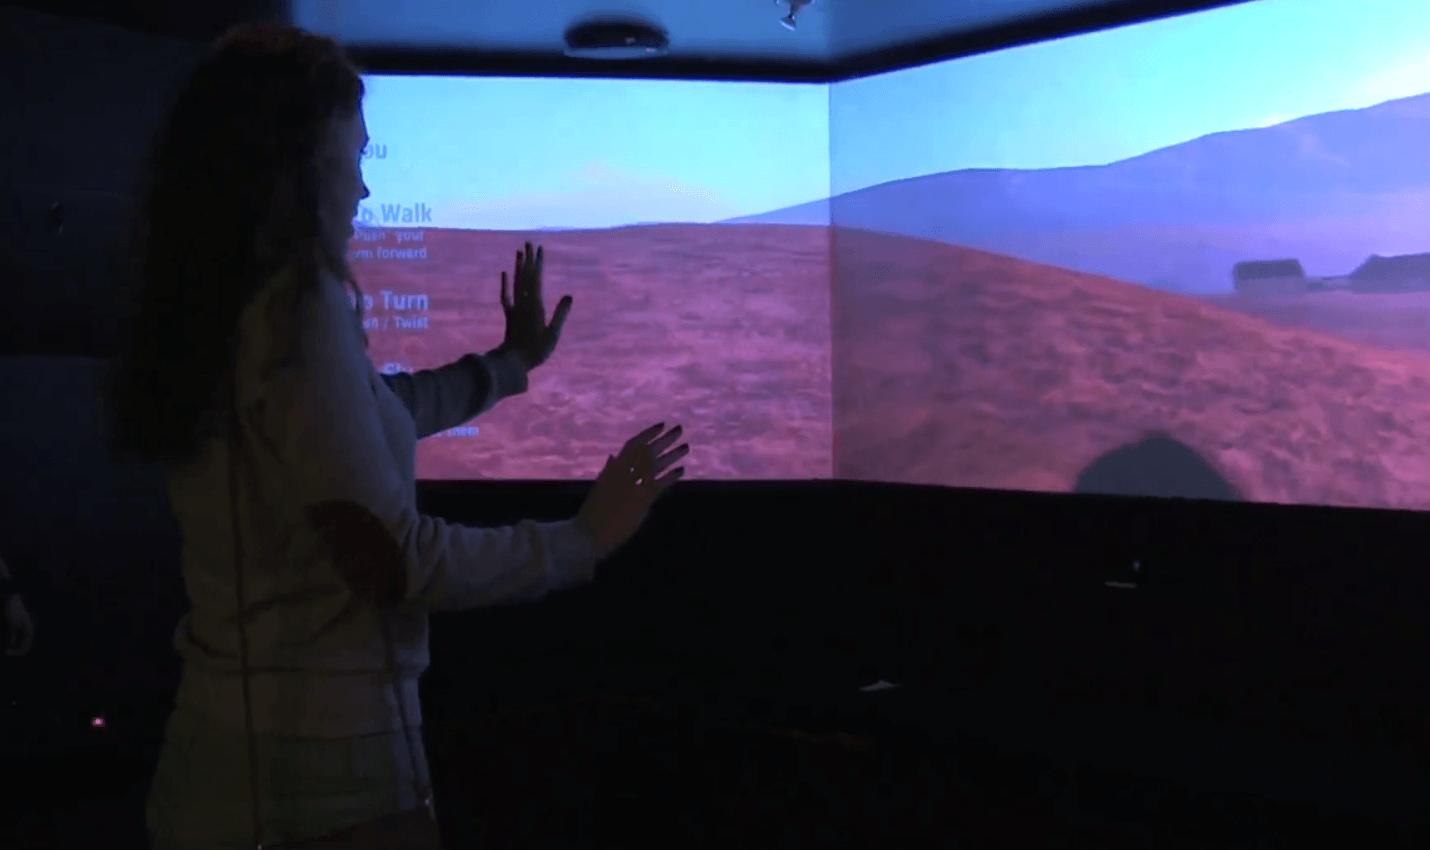 La réalité virtuelle pour les savoirs abstraits ou nécessitant la pratique du terrain